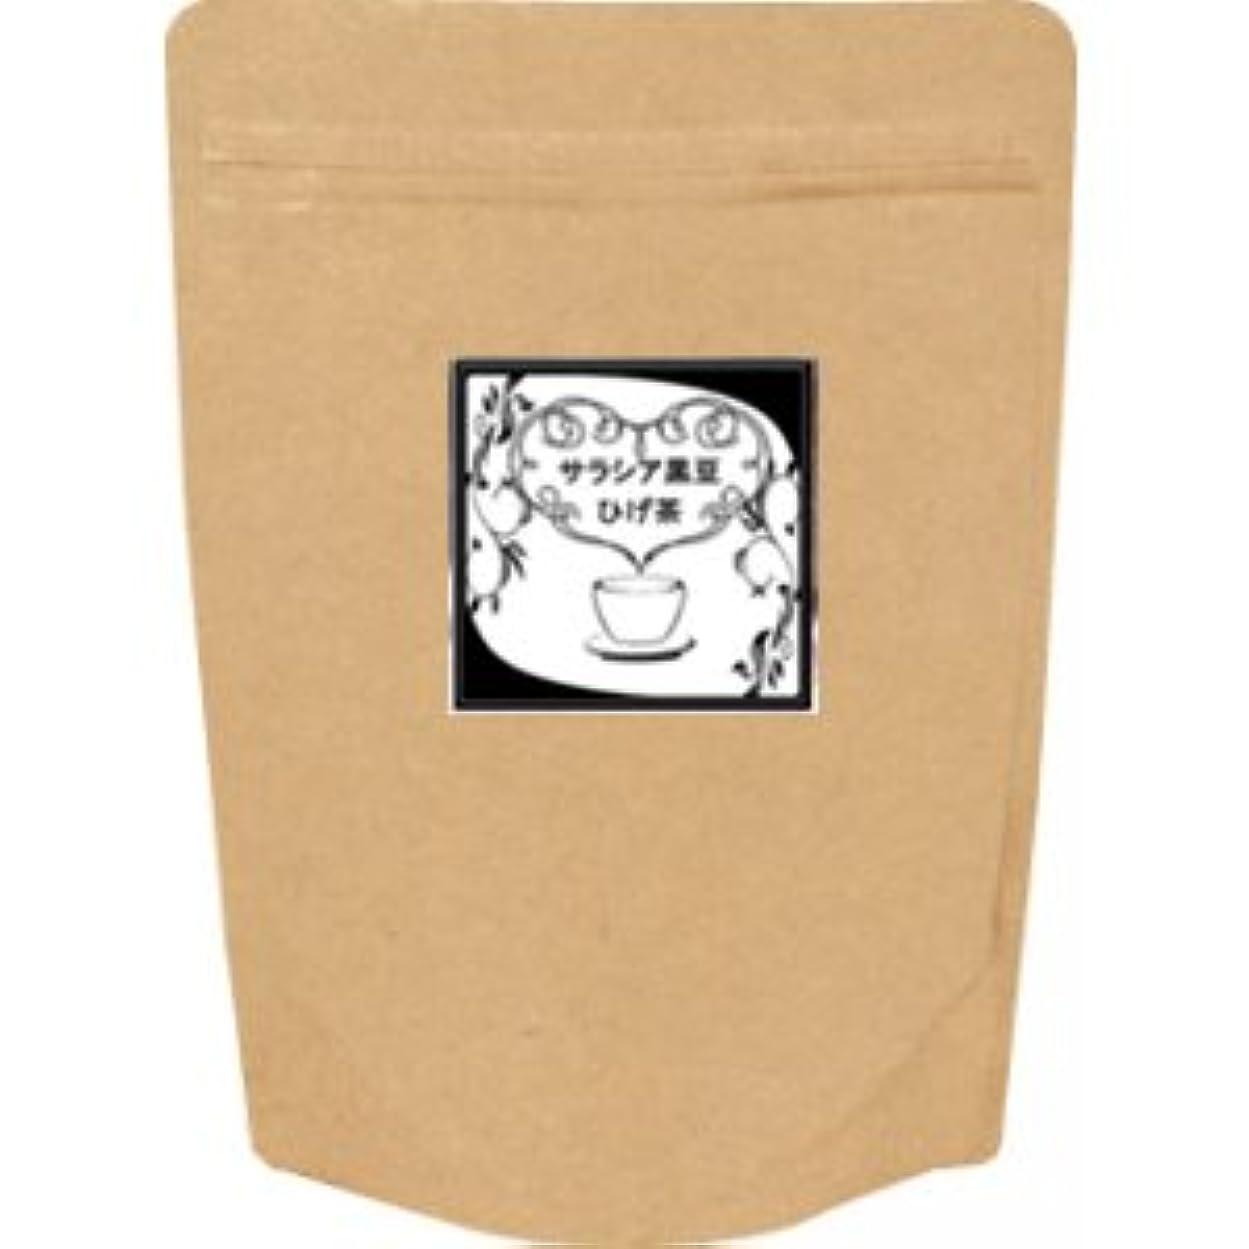 誠実さ出くわすシリアル【抗糖花】サラシア黒豆ひげ茶(お徳用ティーバッグ100ヶ)